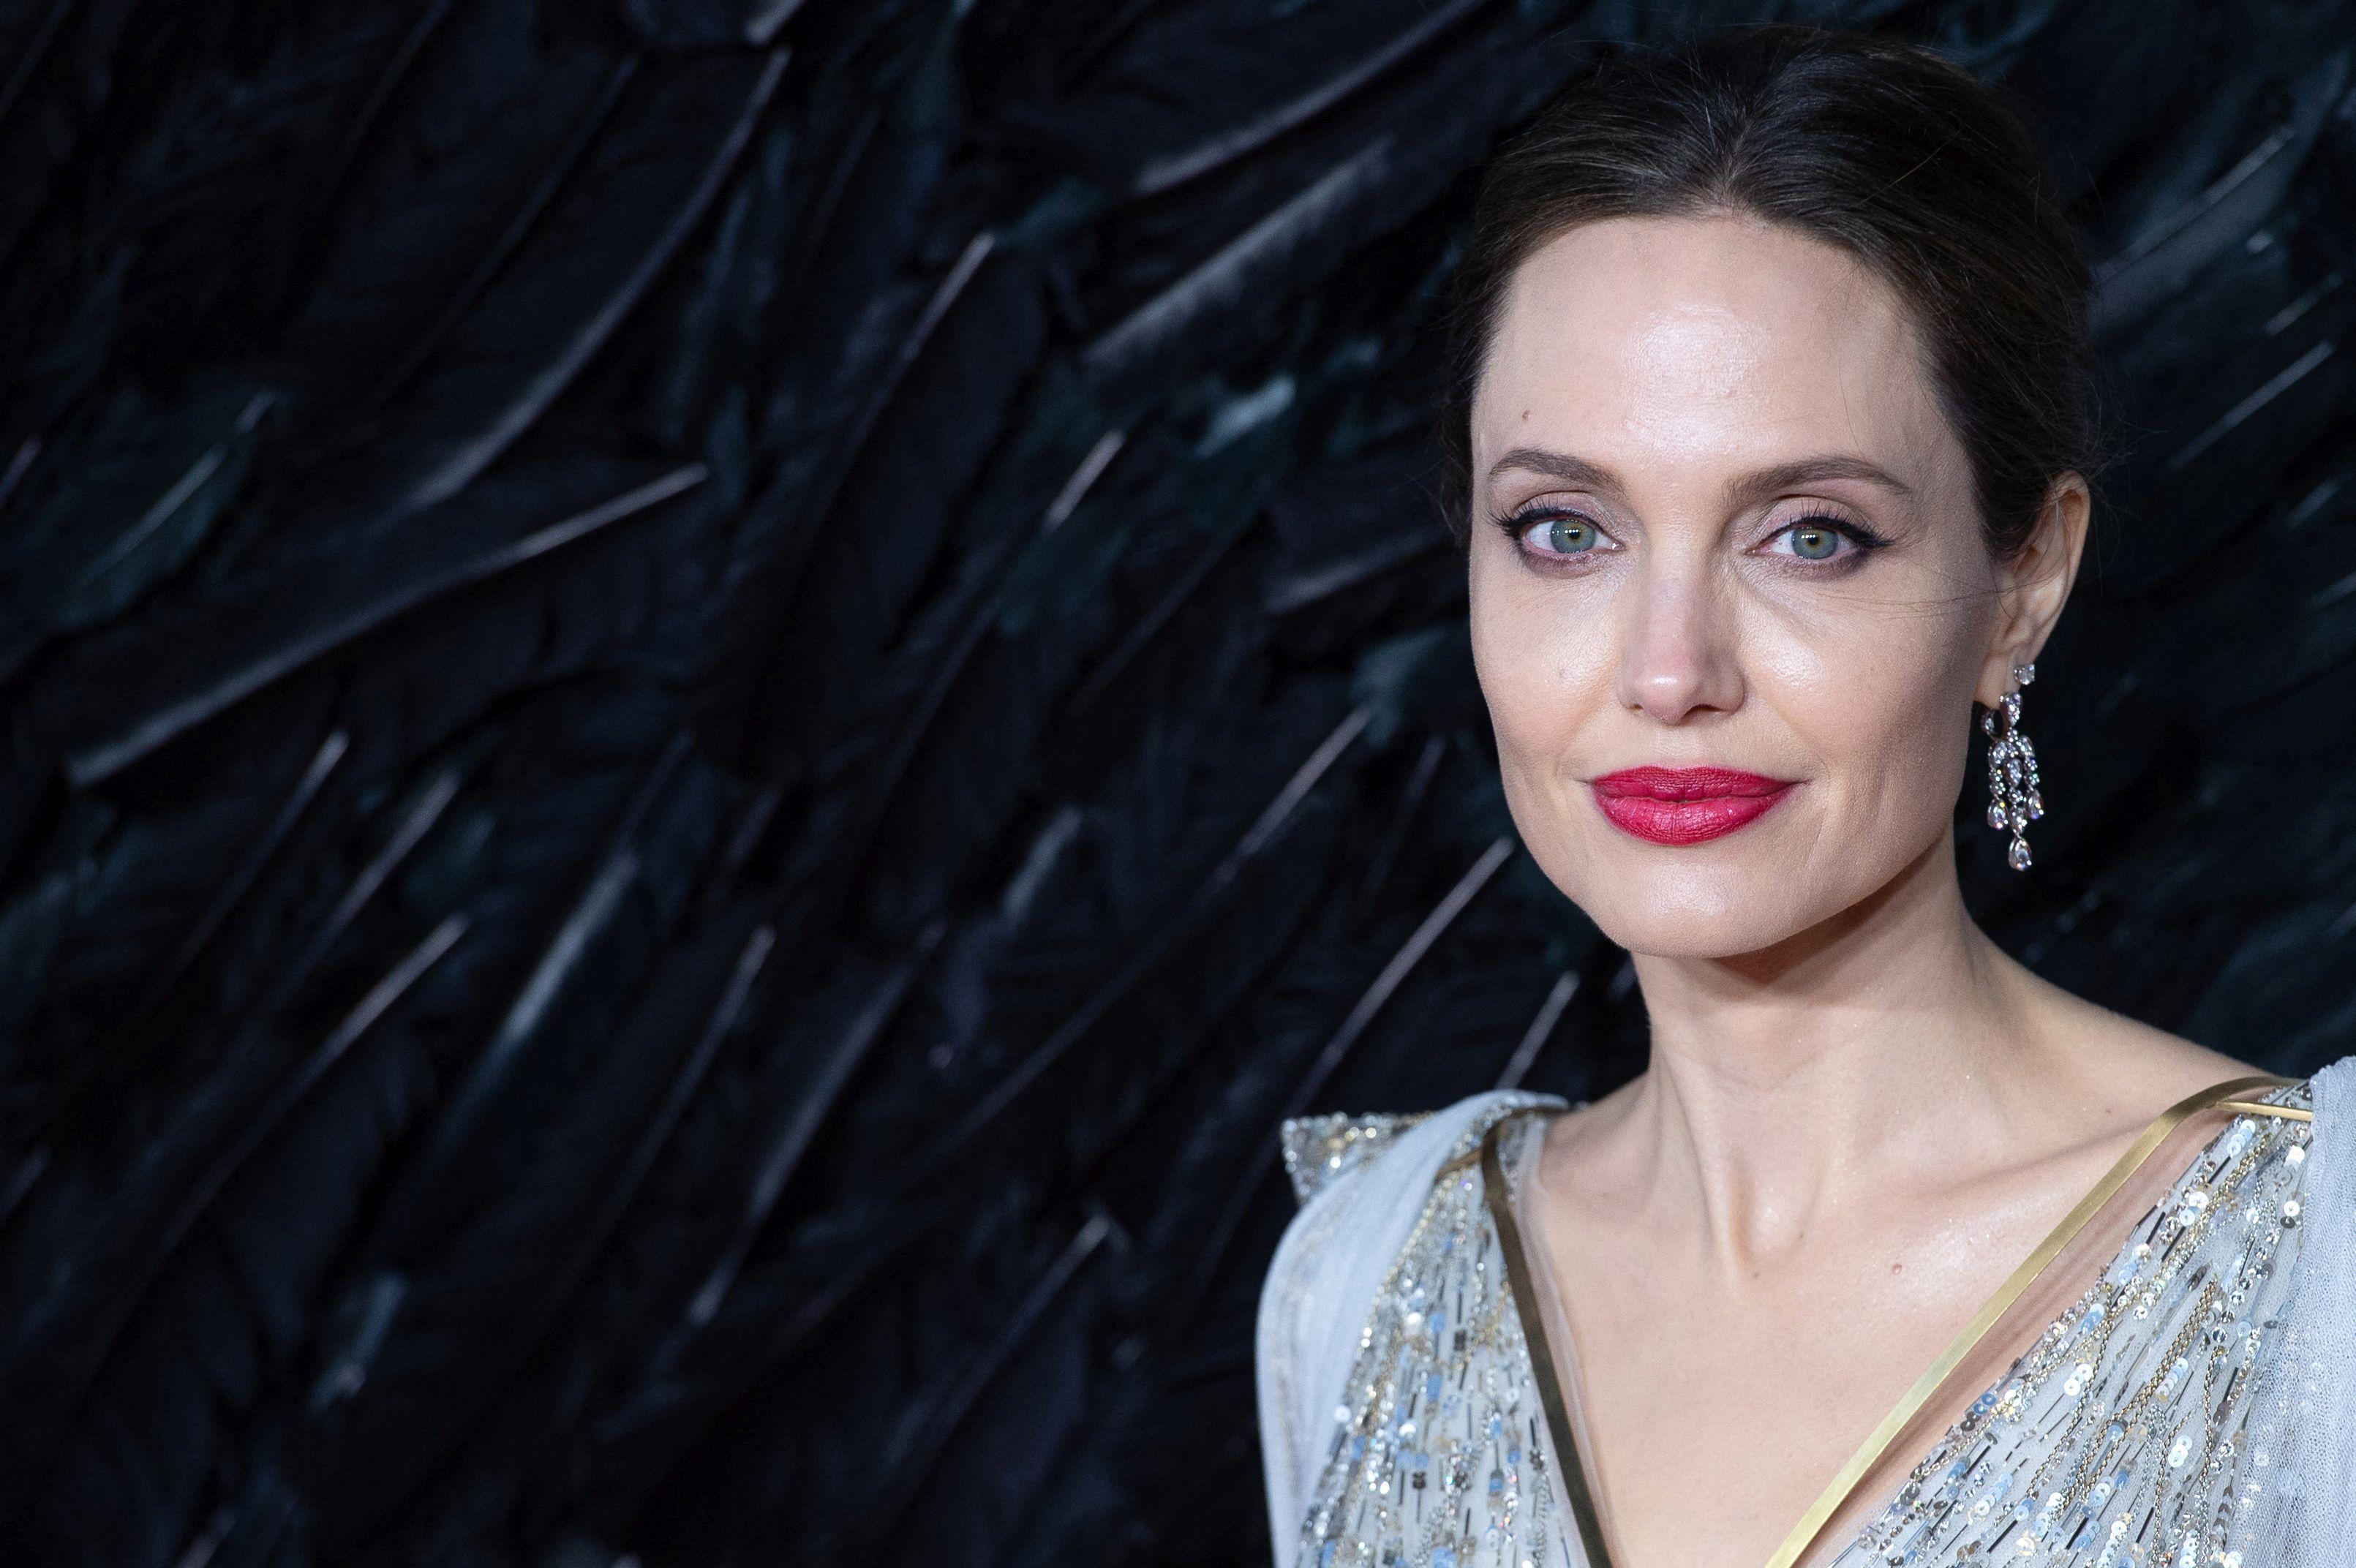 Angelina Jolie și-a făcut cont de Instagram. Cât de repede a reușit să strângă un milion de urmăritori